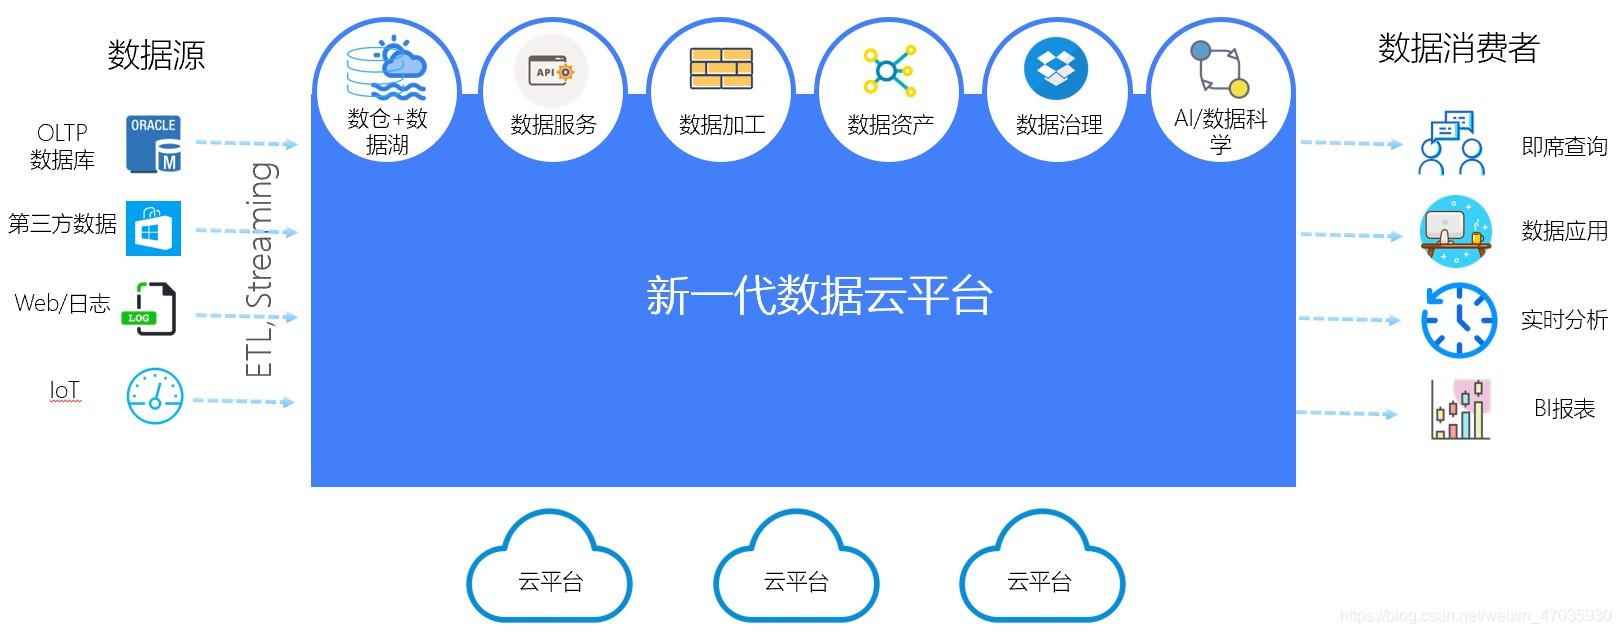 数据云平台架构